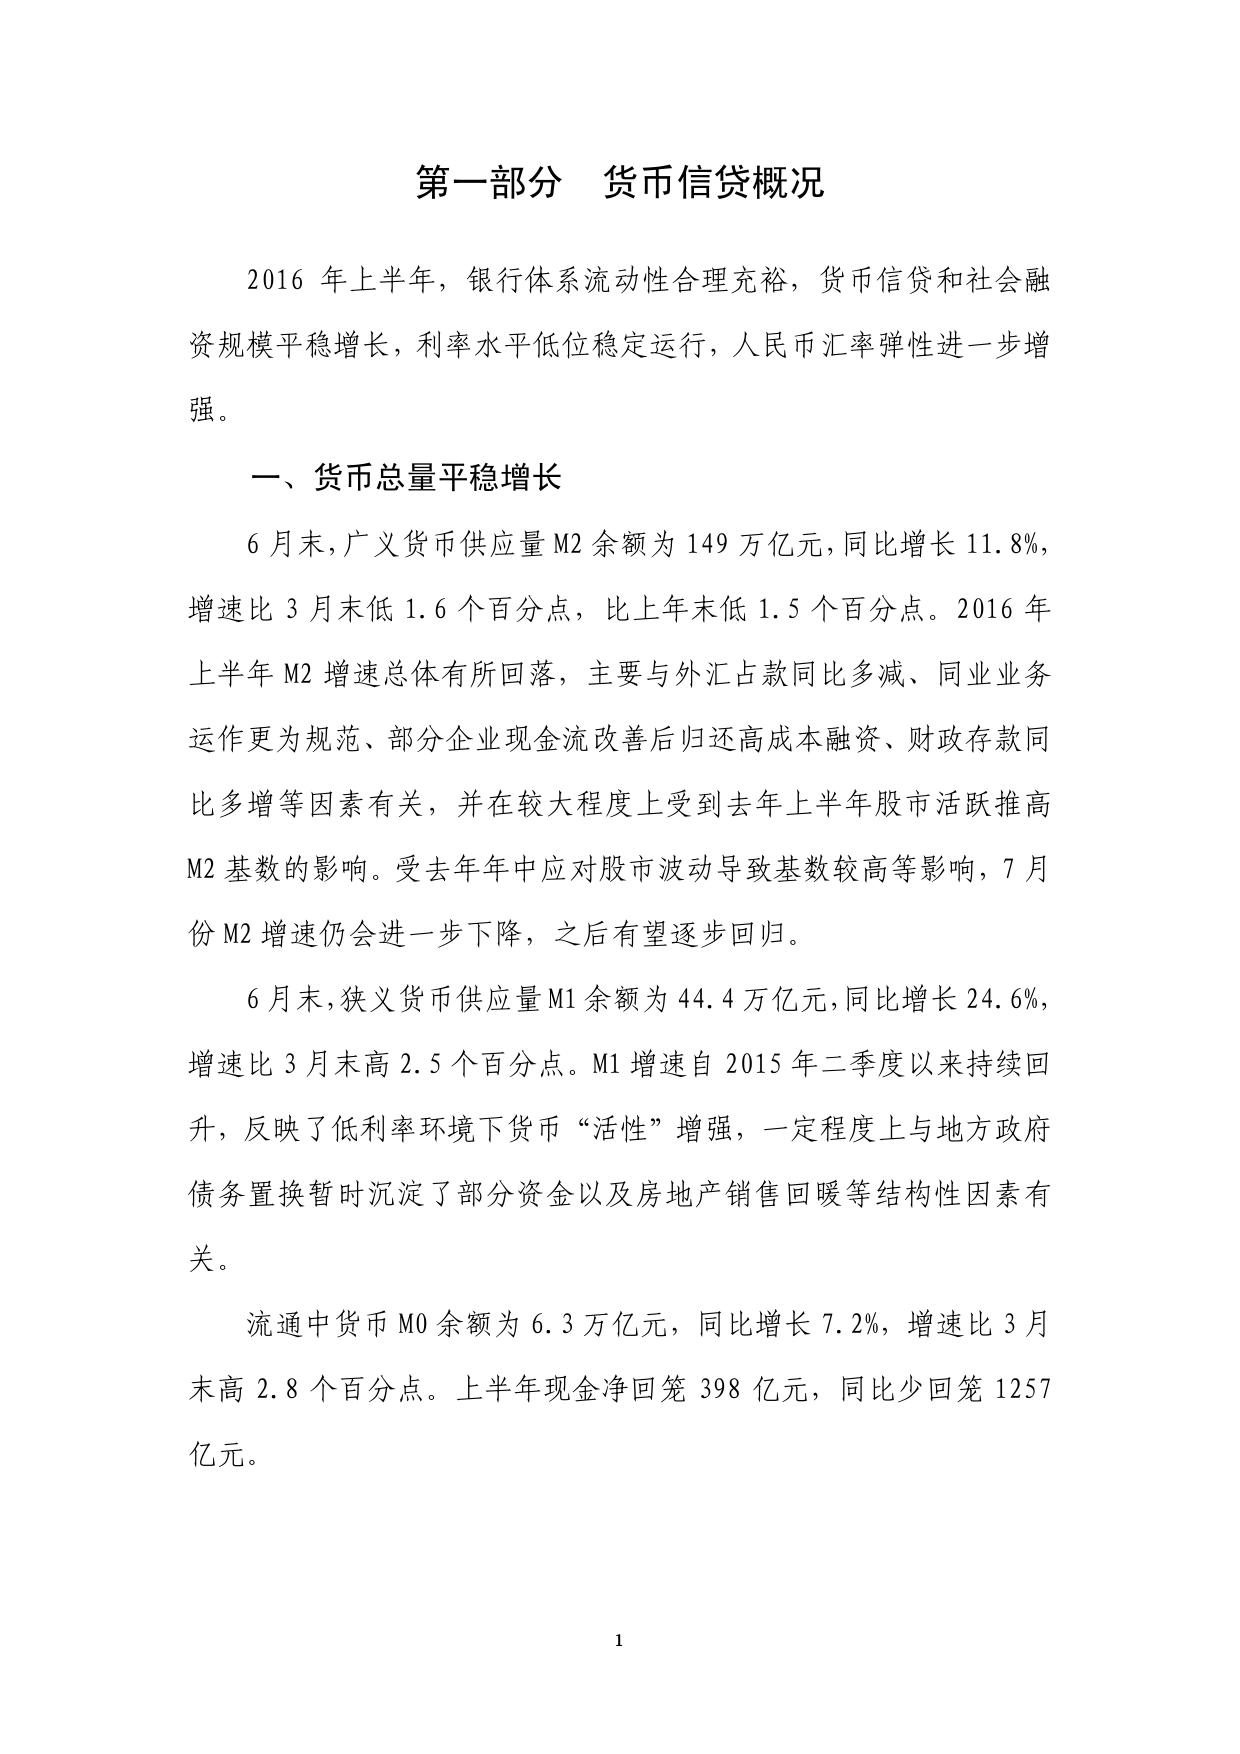 2016年Q2中国货币政策执行报告_000007